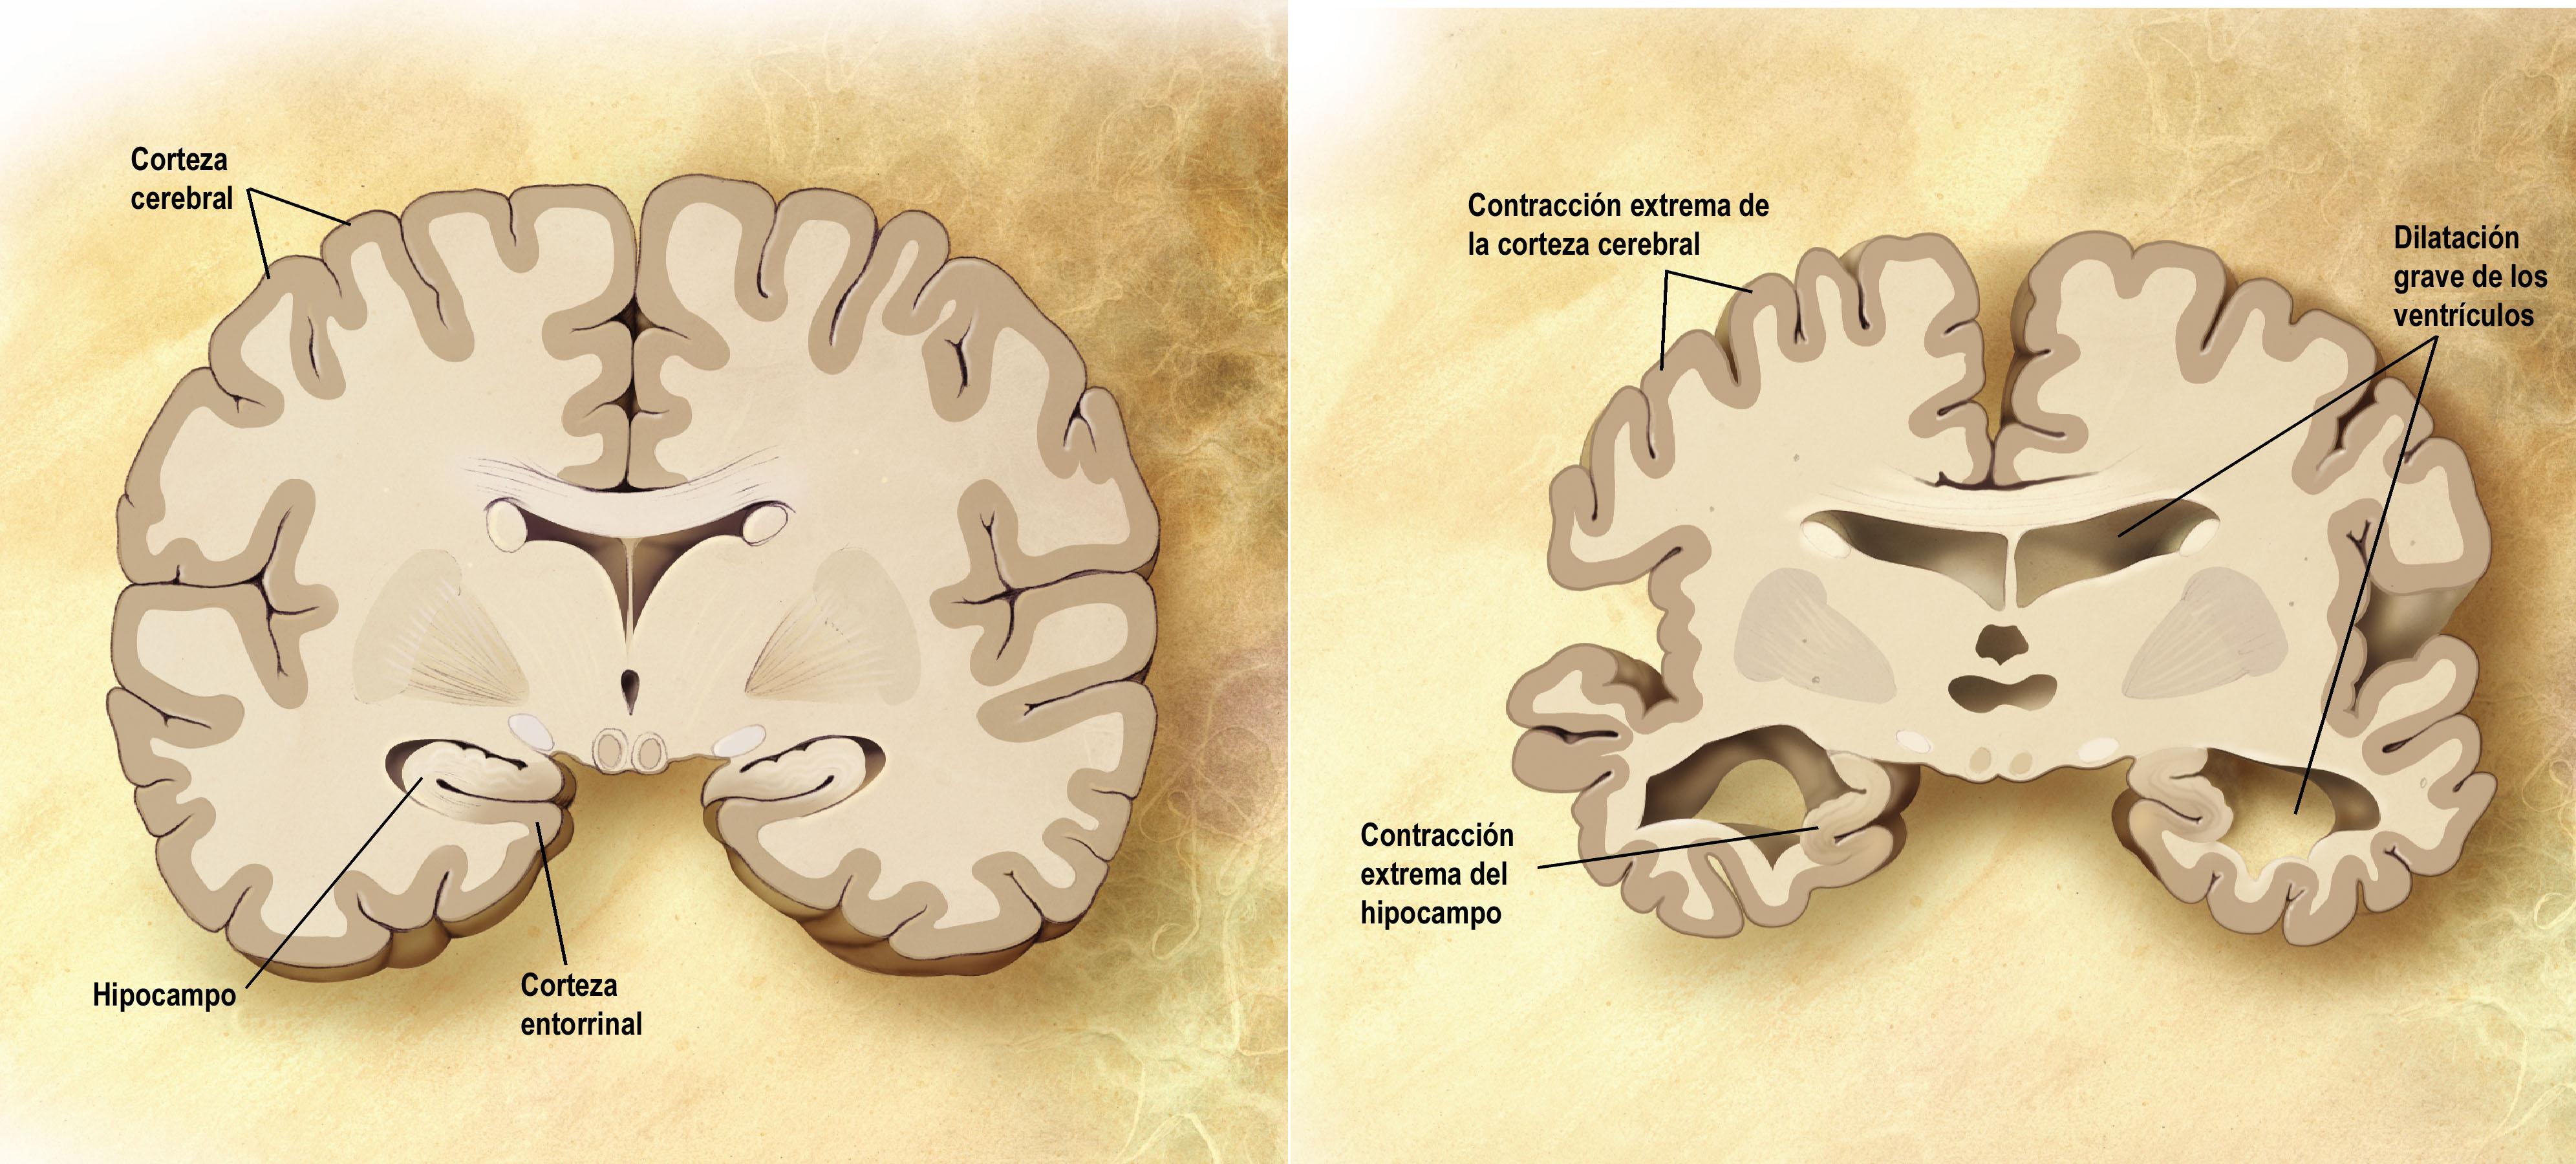 Alzheimer-rak entzefaloan dituen ondorio larriak. Iturria: Wikipedia